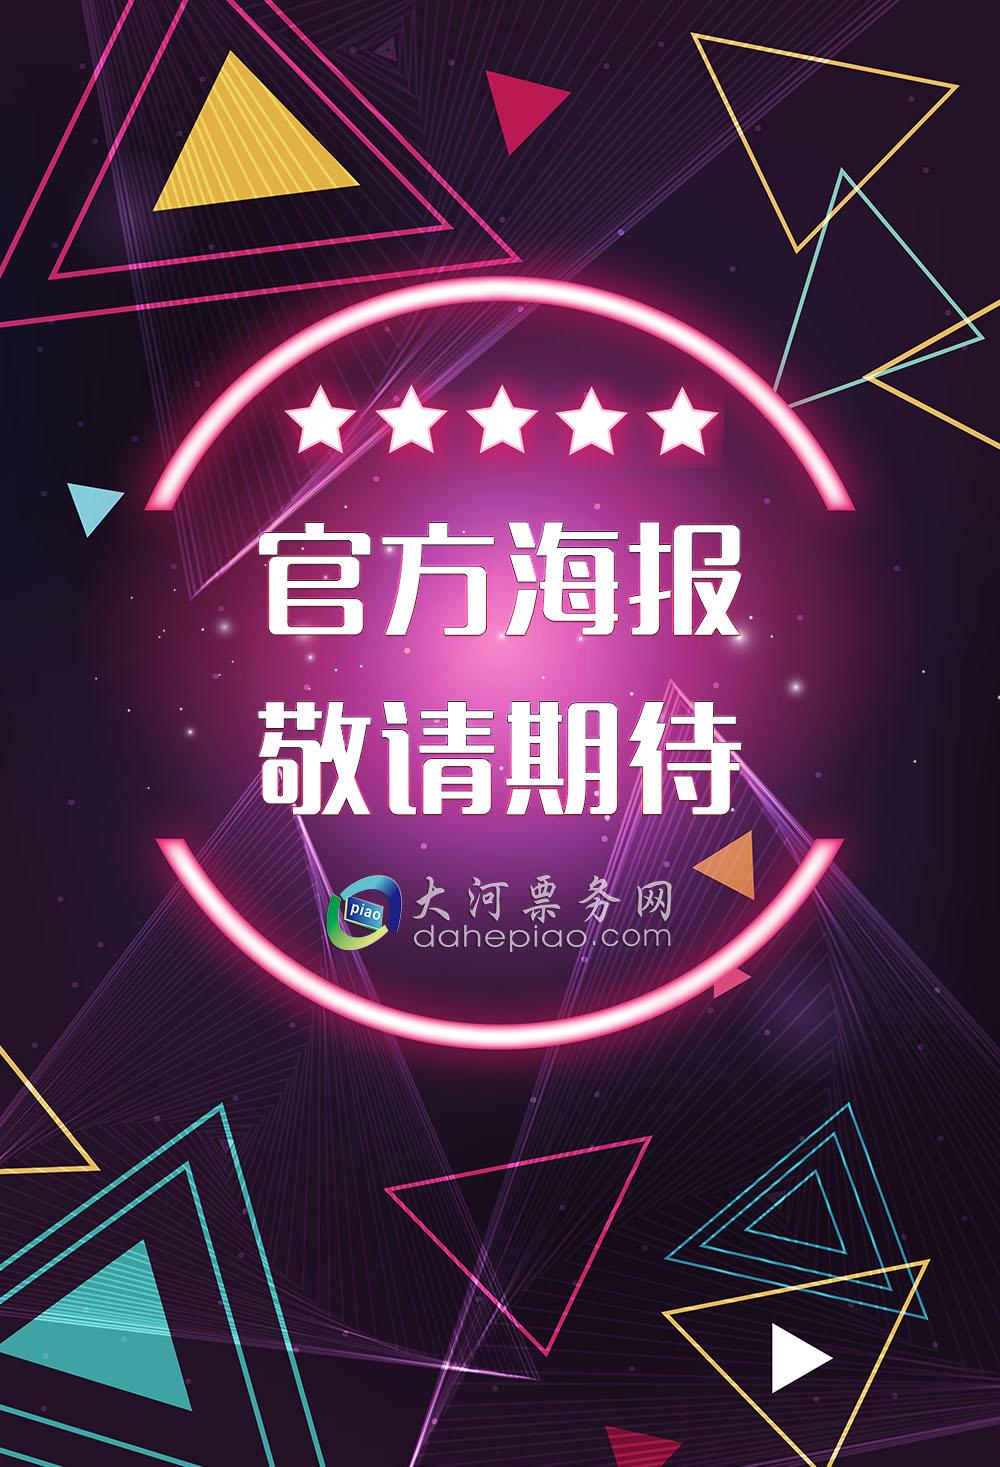 吴青峰北京演唱会